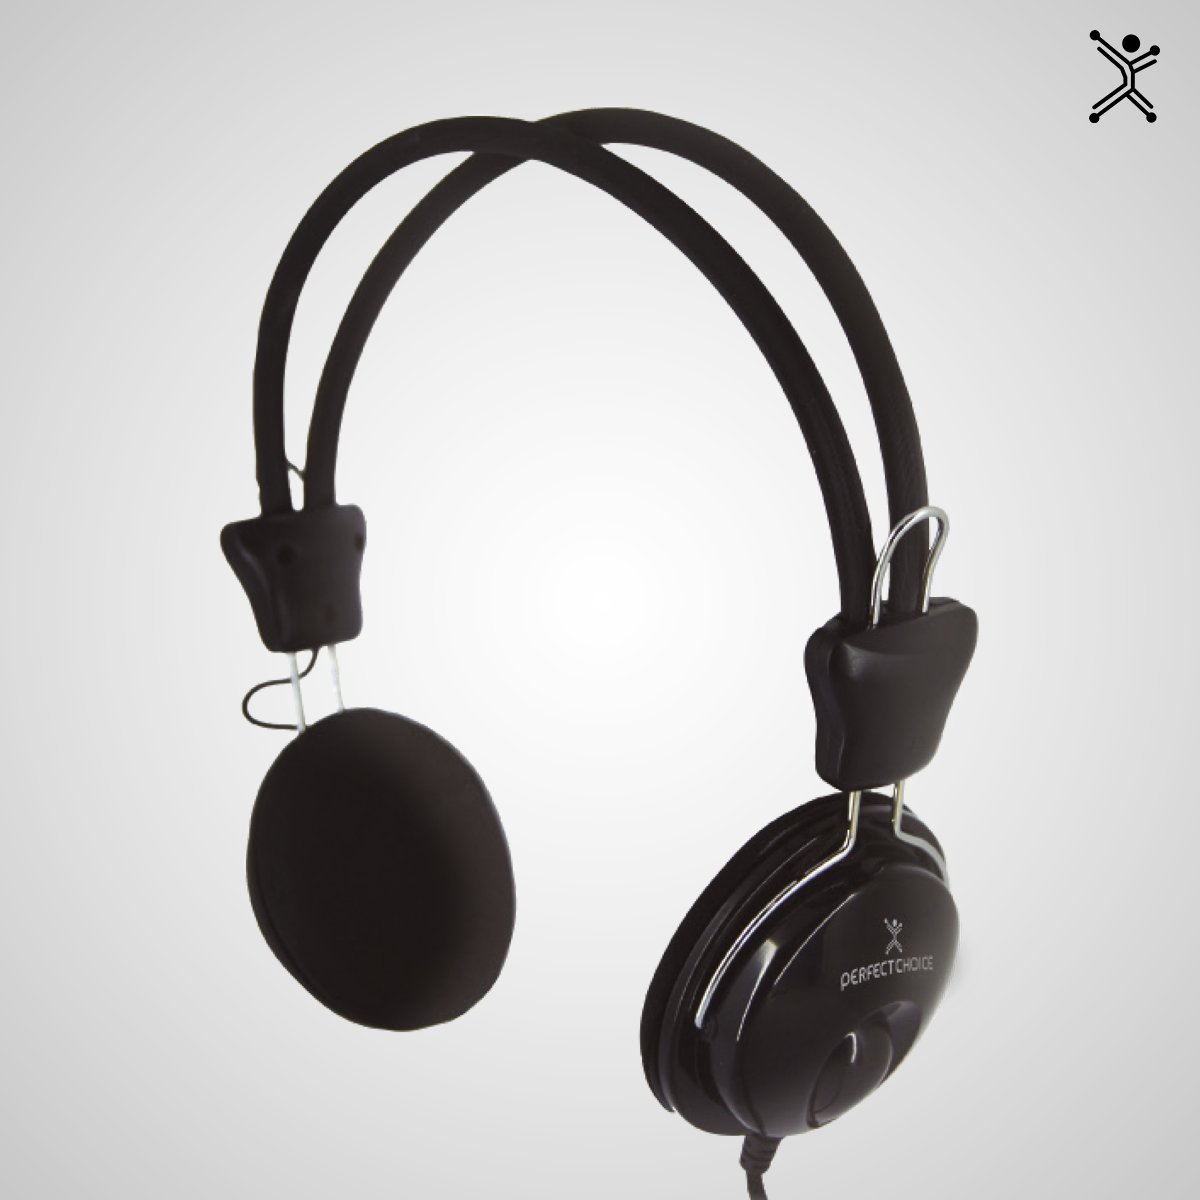 Audífonos On Ear de alta fidelidad, ideales para videollamadas o multimedia. Micrófono y control de volumen integrado en el cable.   Encuentra los audífonos perfectos para ti en nuestra tienda en línea: https://t.co/5n1T5kRjoR  #PerfectChoice #audio #music #headphones #sound https://t.co/ekB1k9YUTW